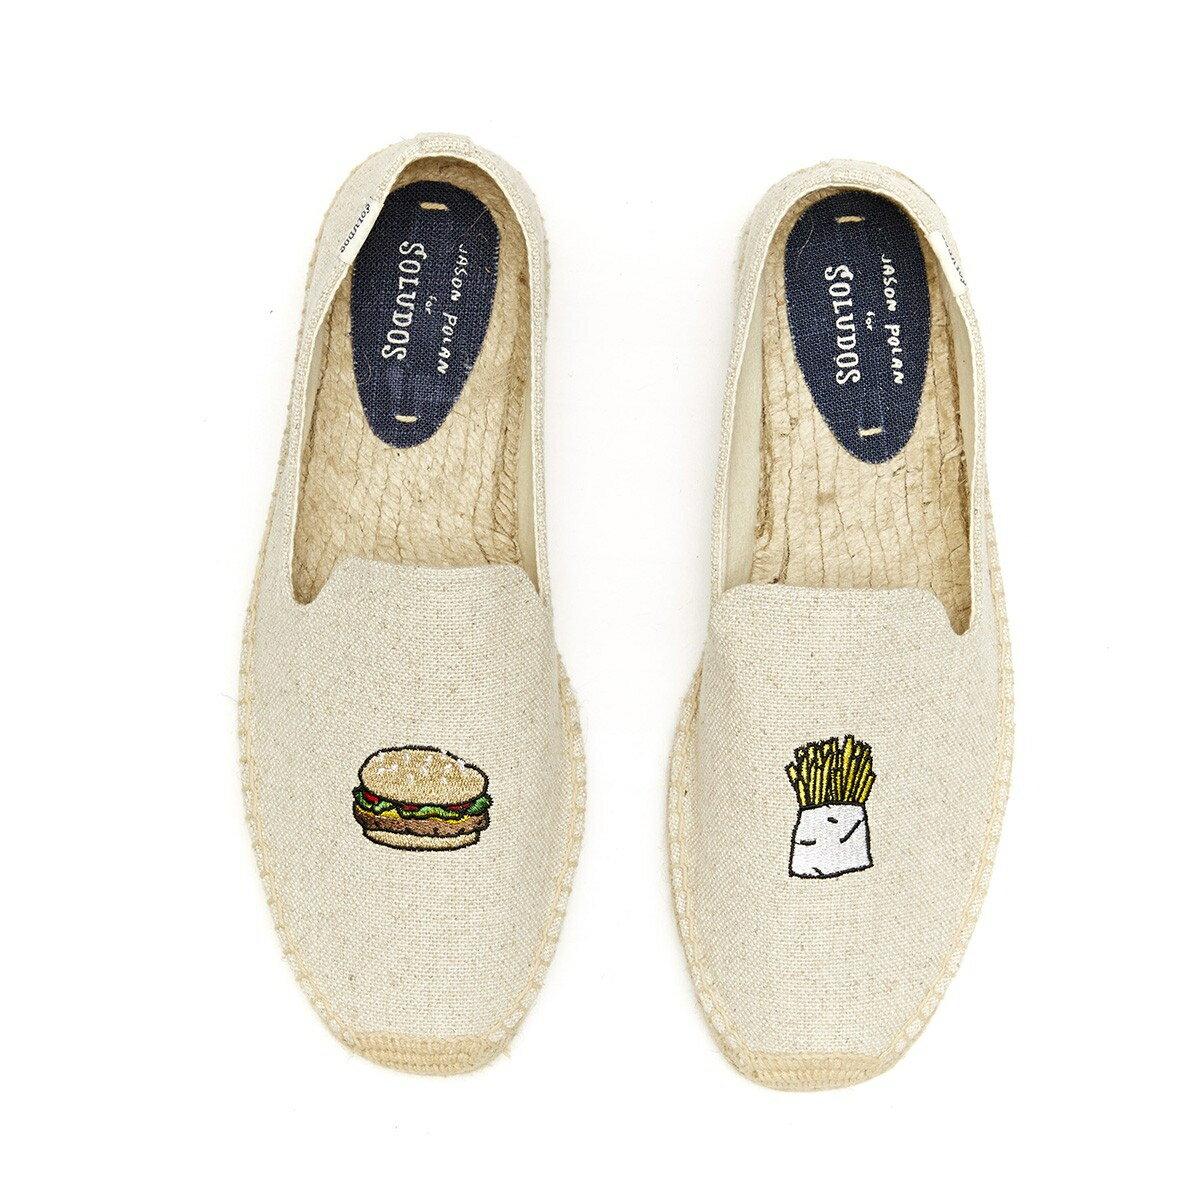 【Soludos】美國經典草編鞋-塗鴉系列草編鞋-漢堡薯條/米色【全店免運】 1